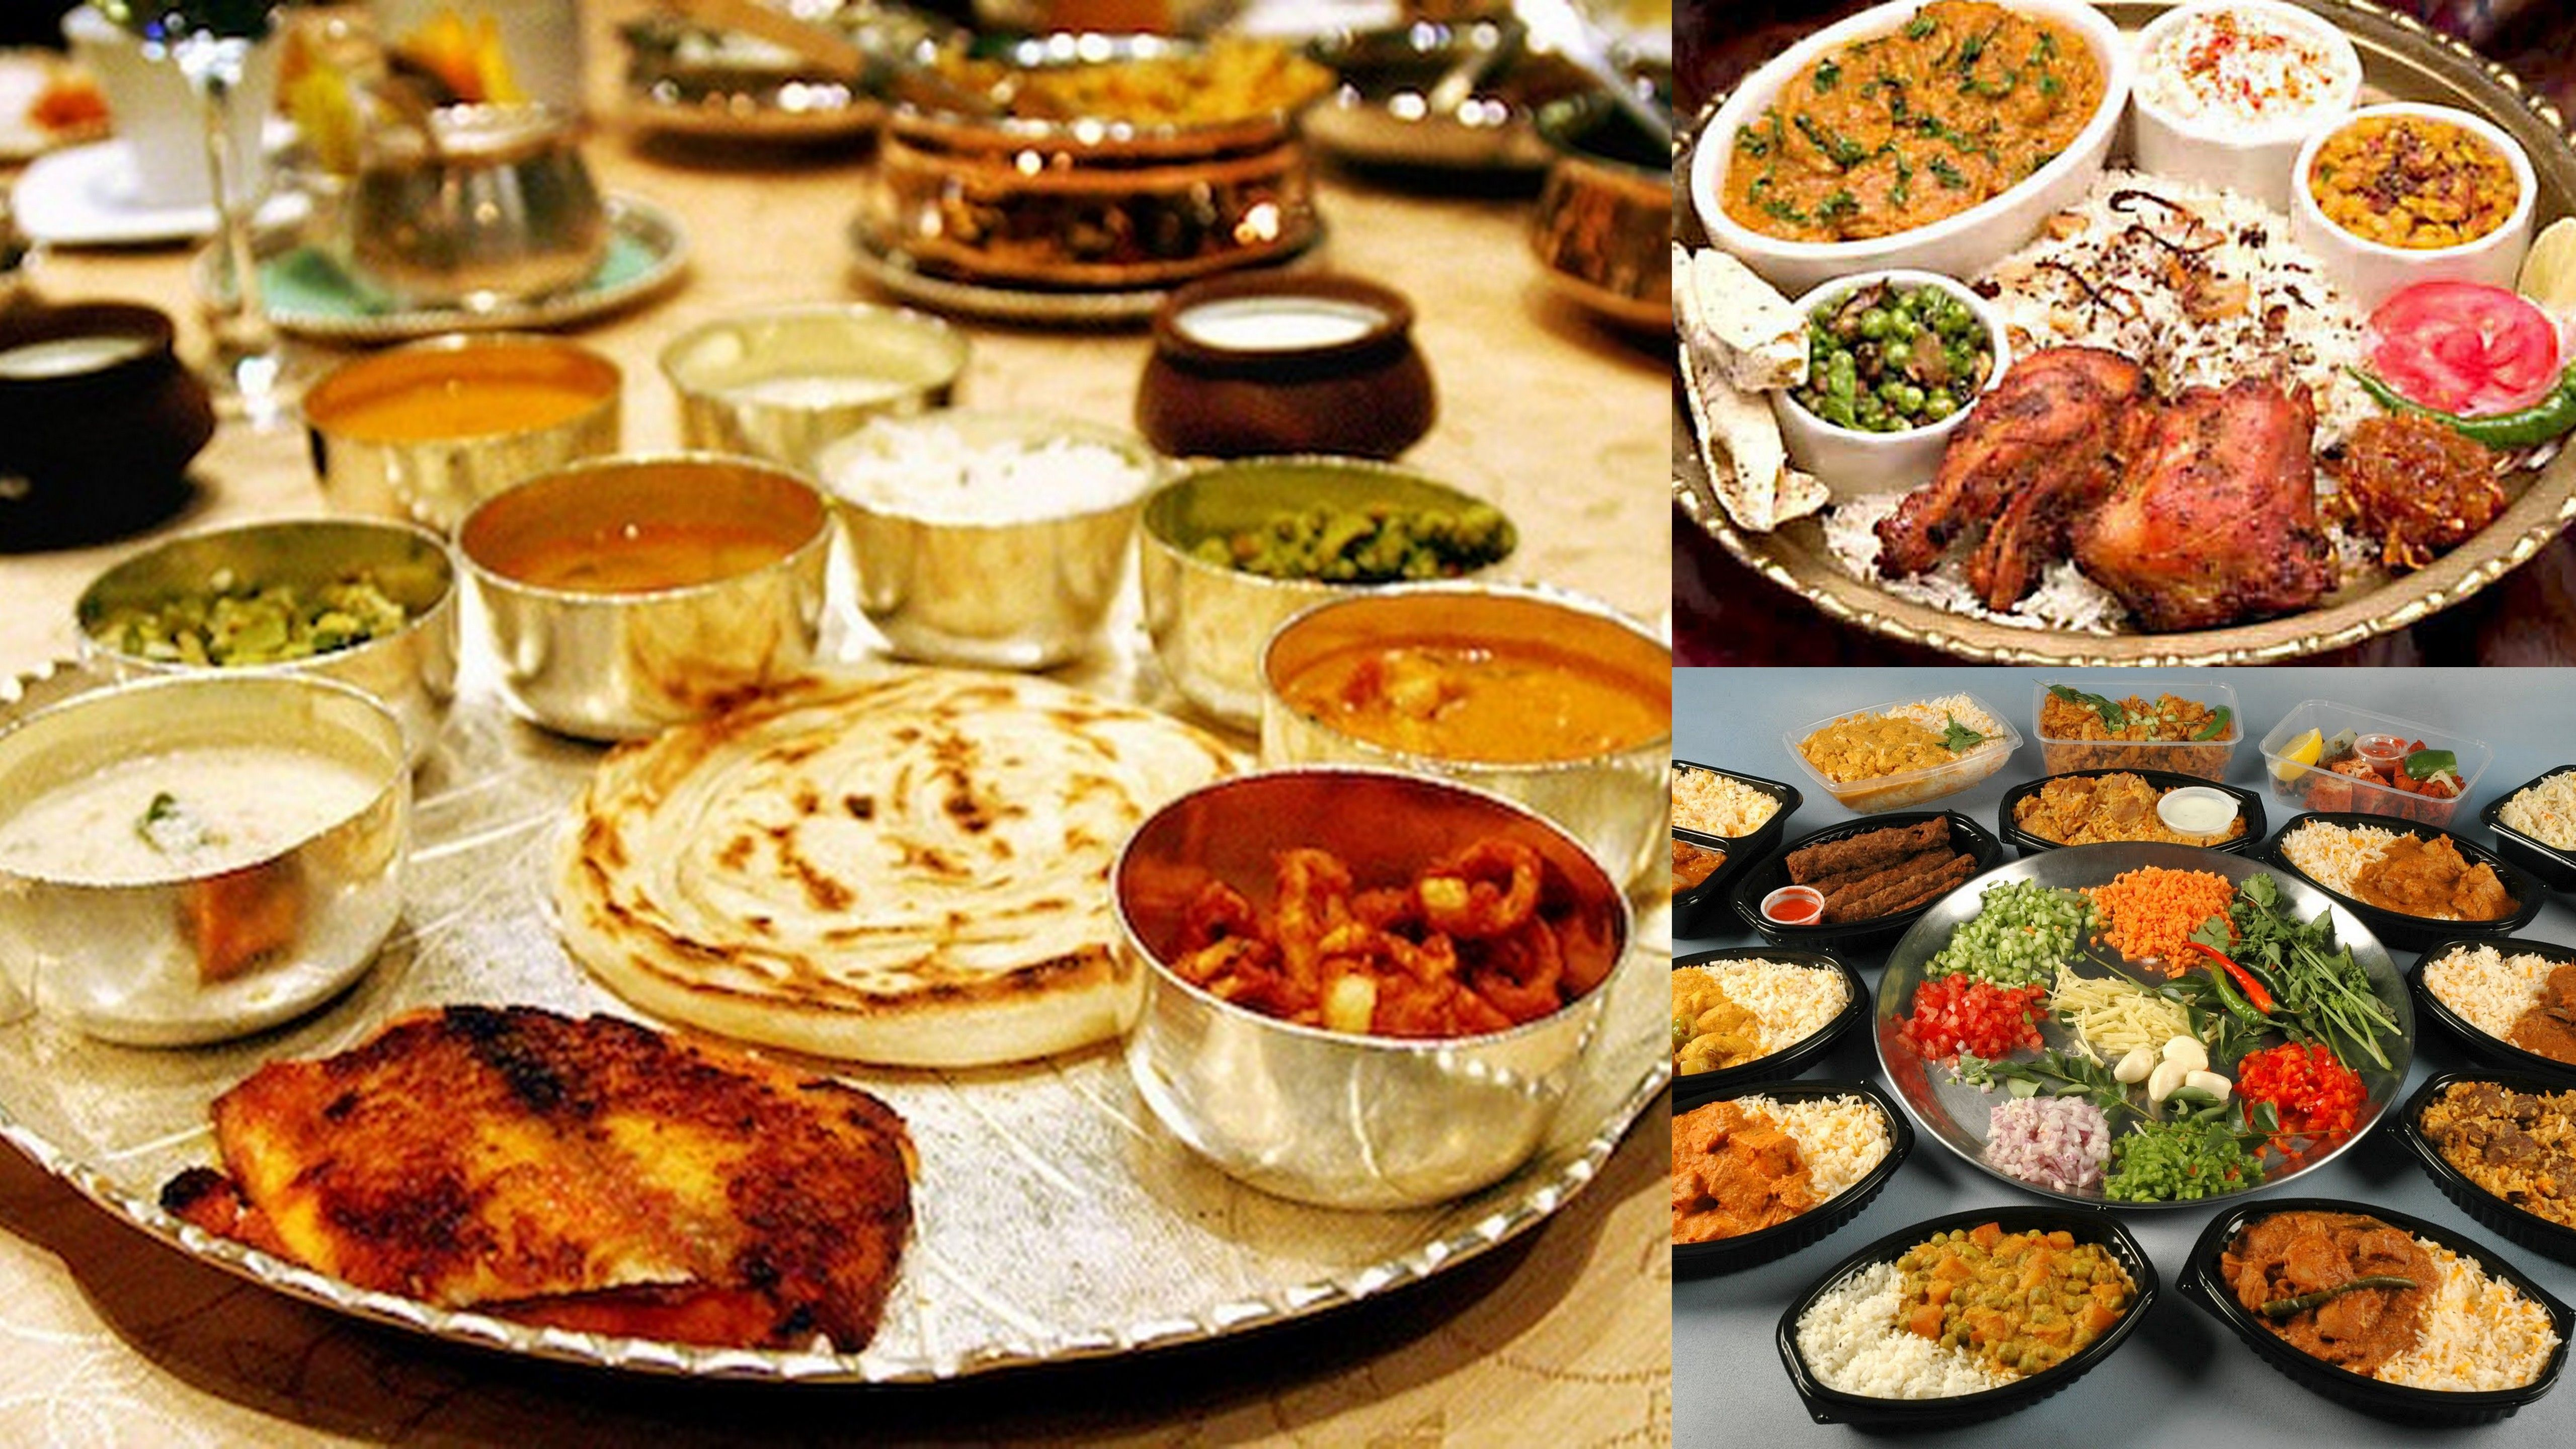 Wedding decorations muslim october 2018 Delicious Muslim wedding food nikah muslimwedding